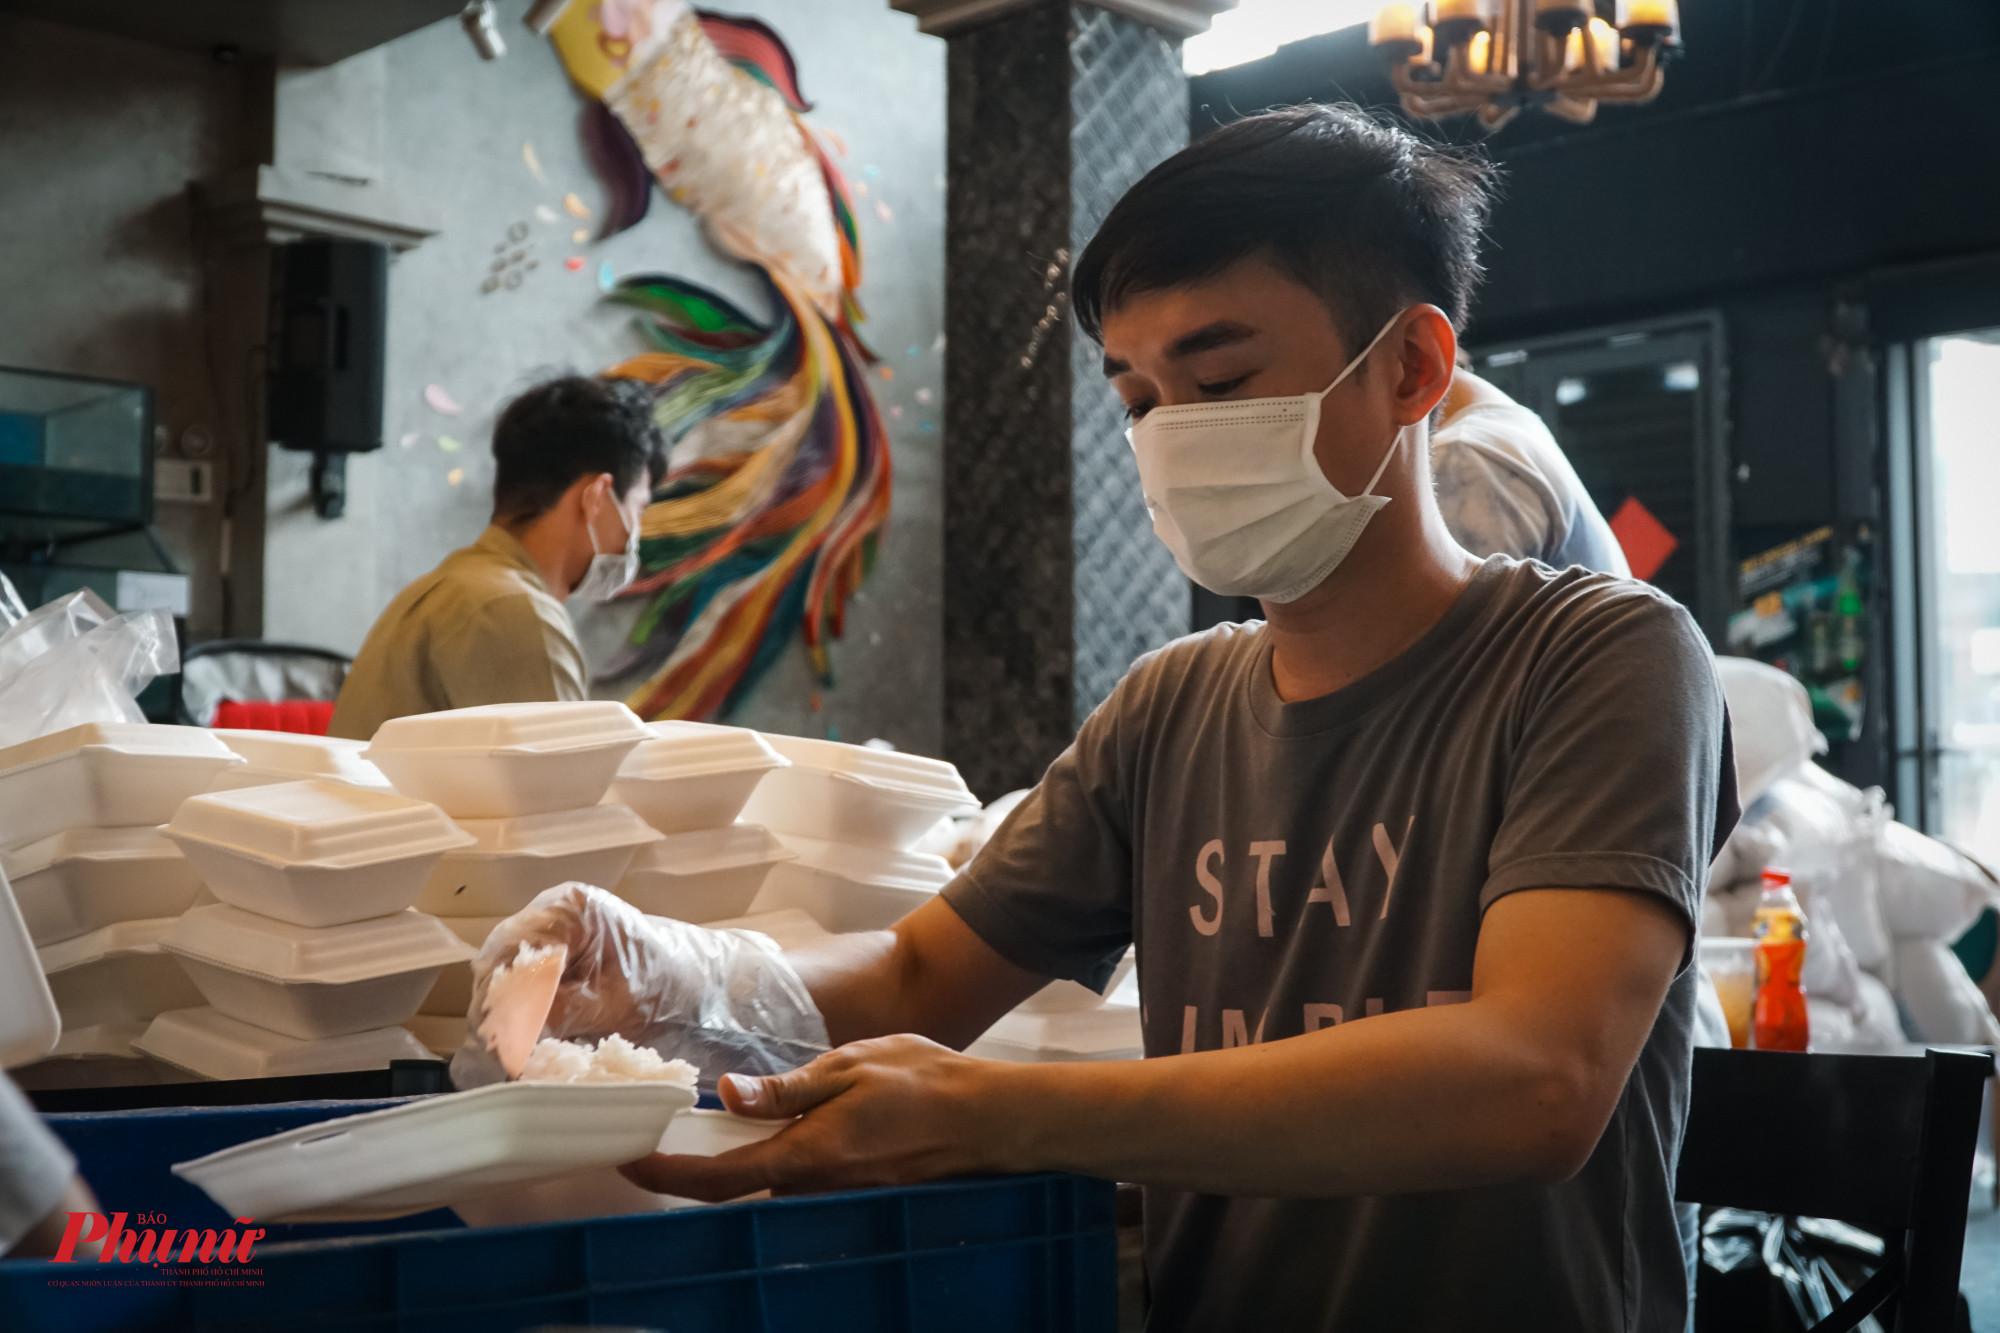 Anh Sơn, nhân viên của quán cho biết rất vui và tự hào khi được cùng mọi người và chị chủ quán thực hiện nhiều đợt từ thiện, giúp người có hoàn cảnh khó khăn